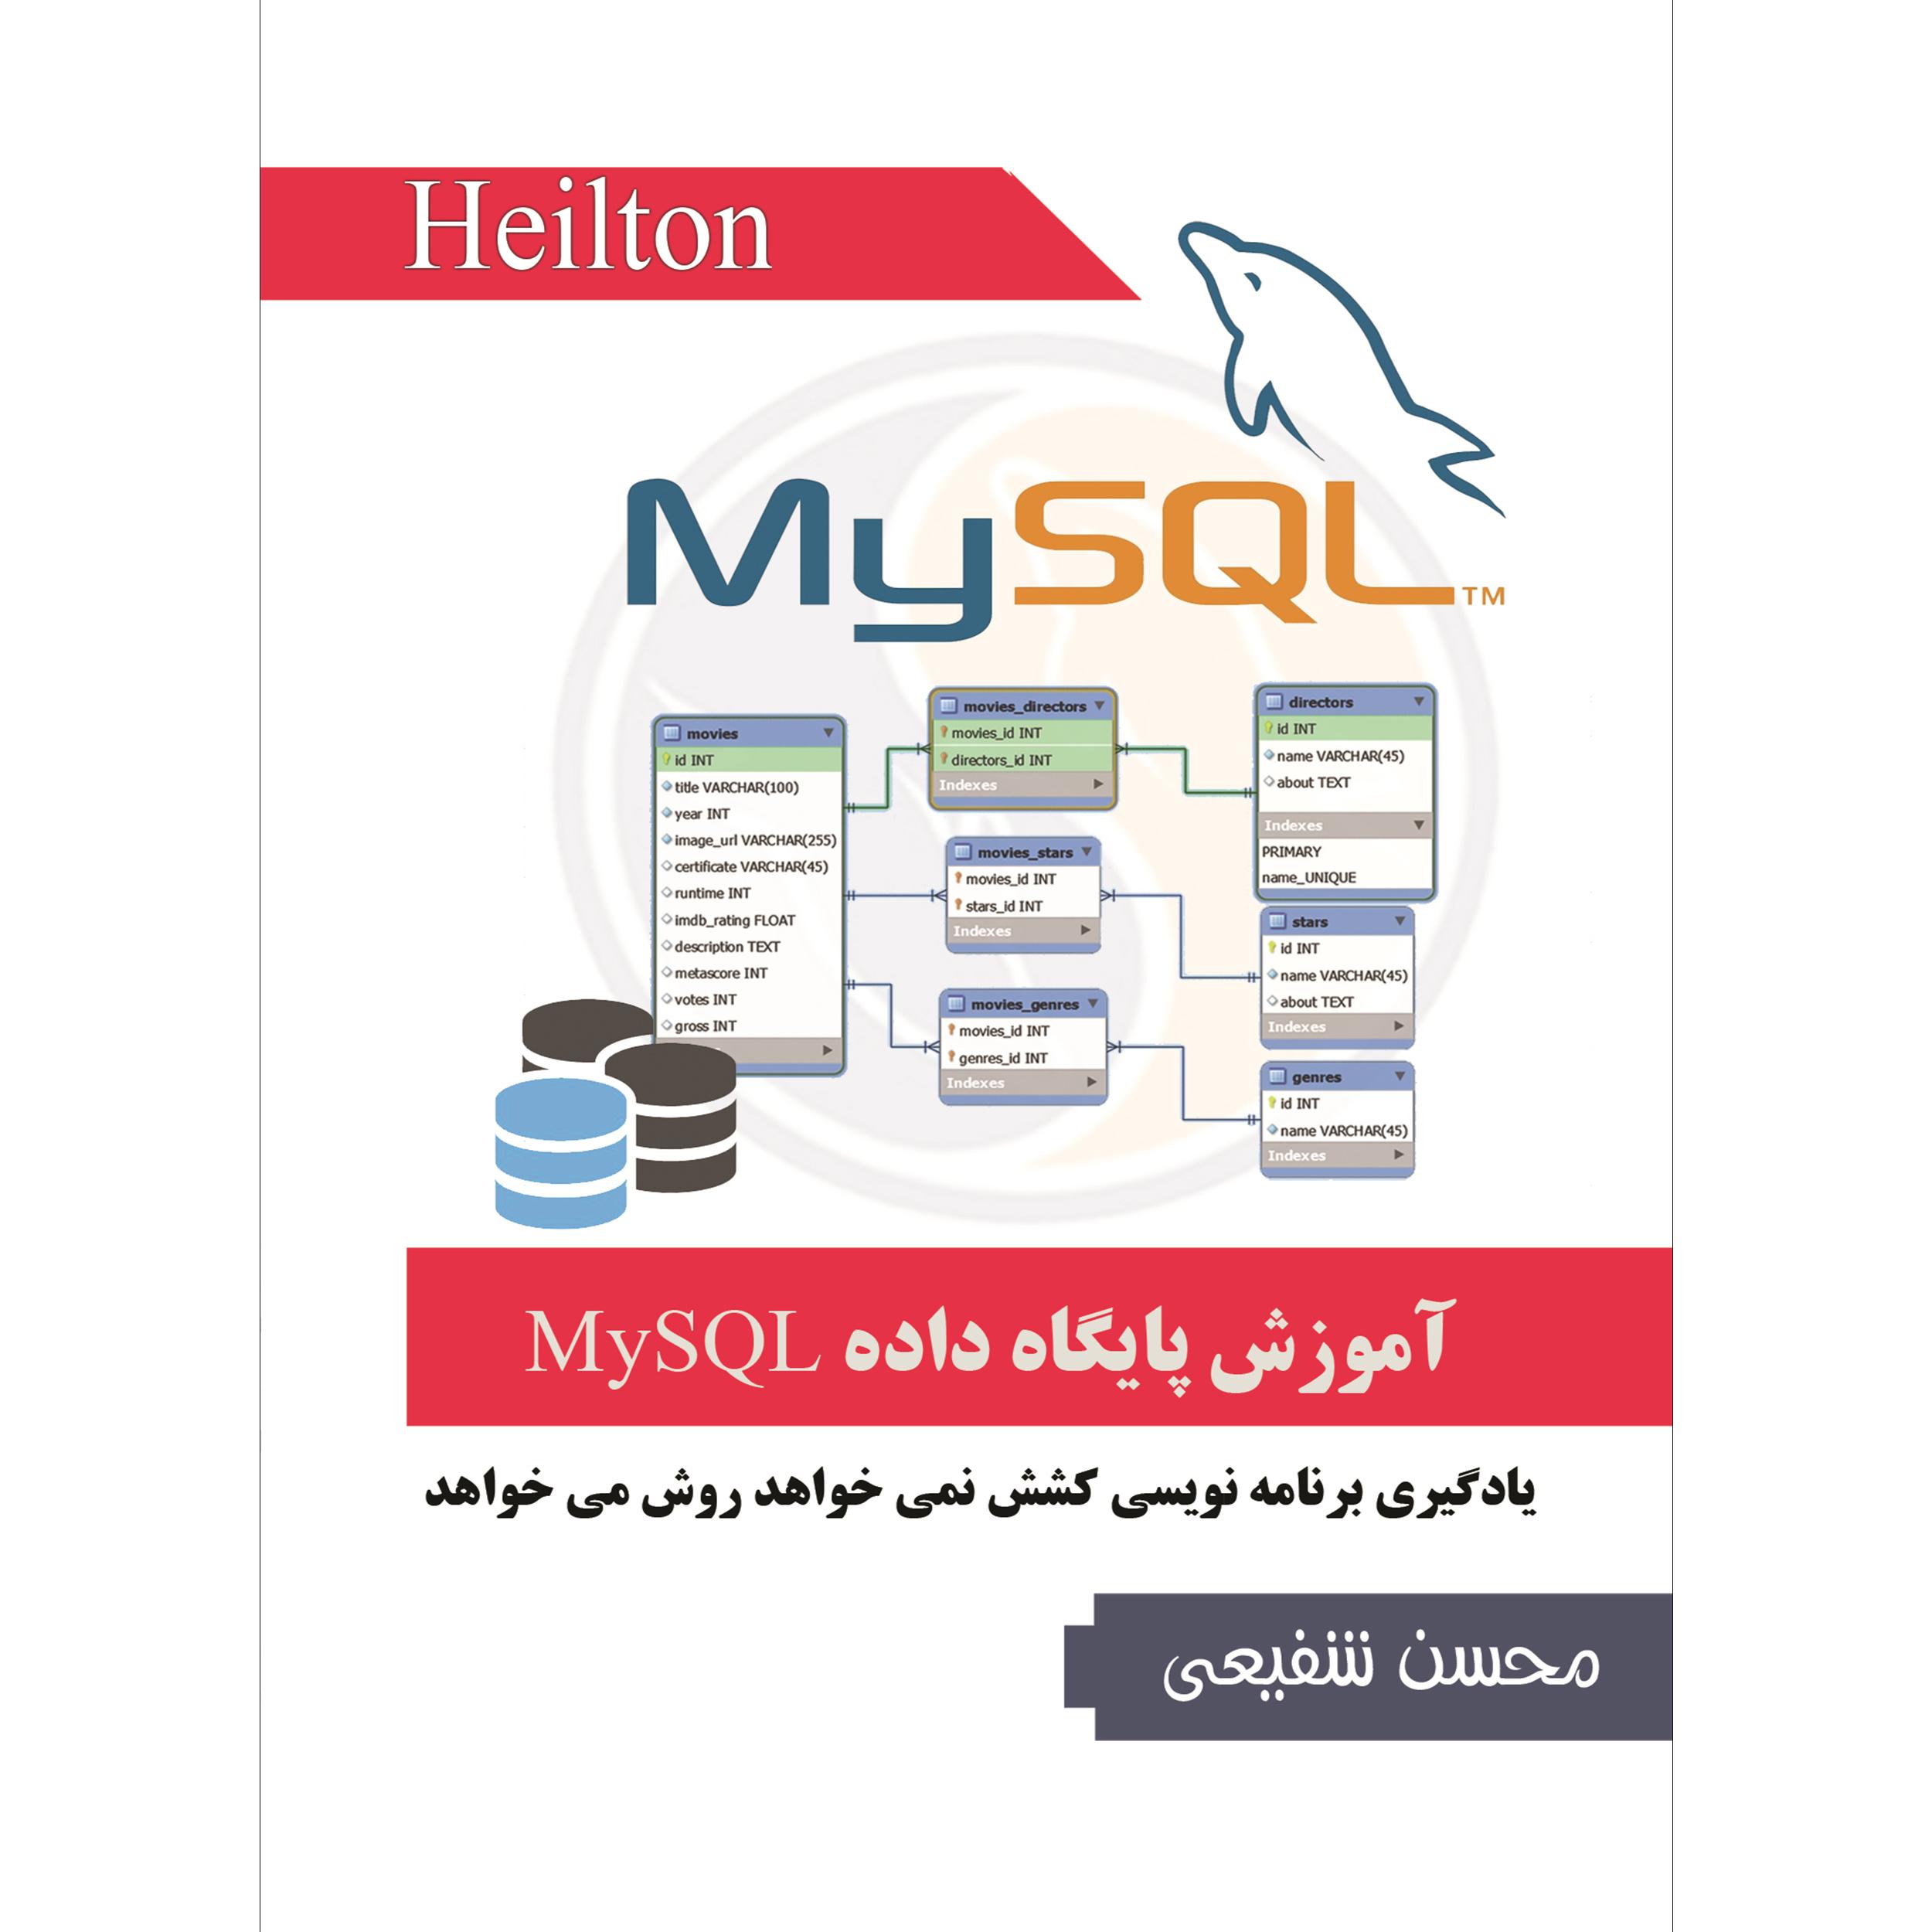 آموزش تصویری پایگاه داده MySQL نشر هیلتن